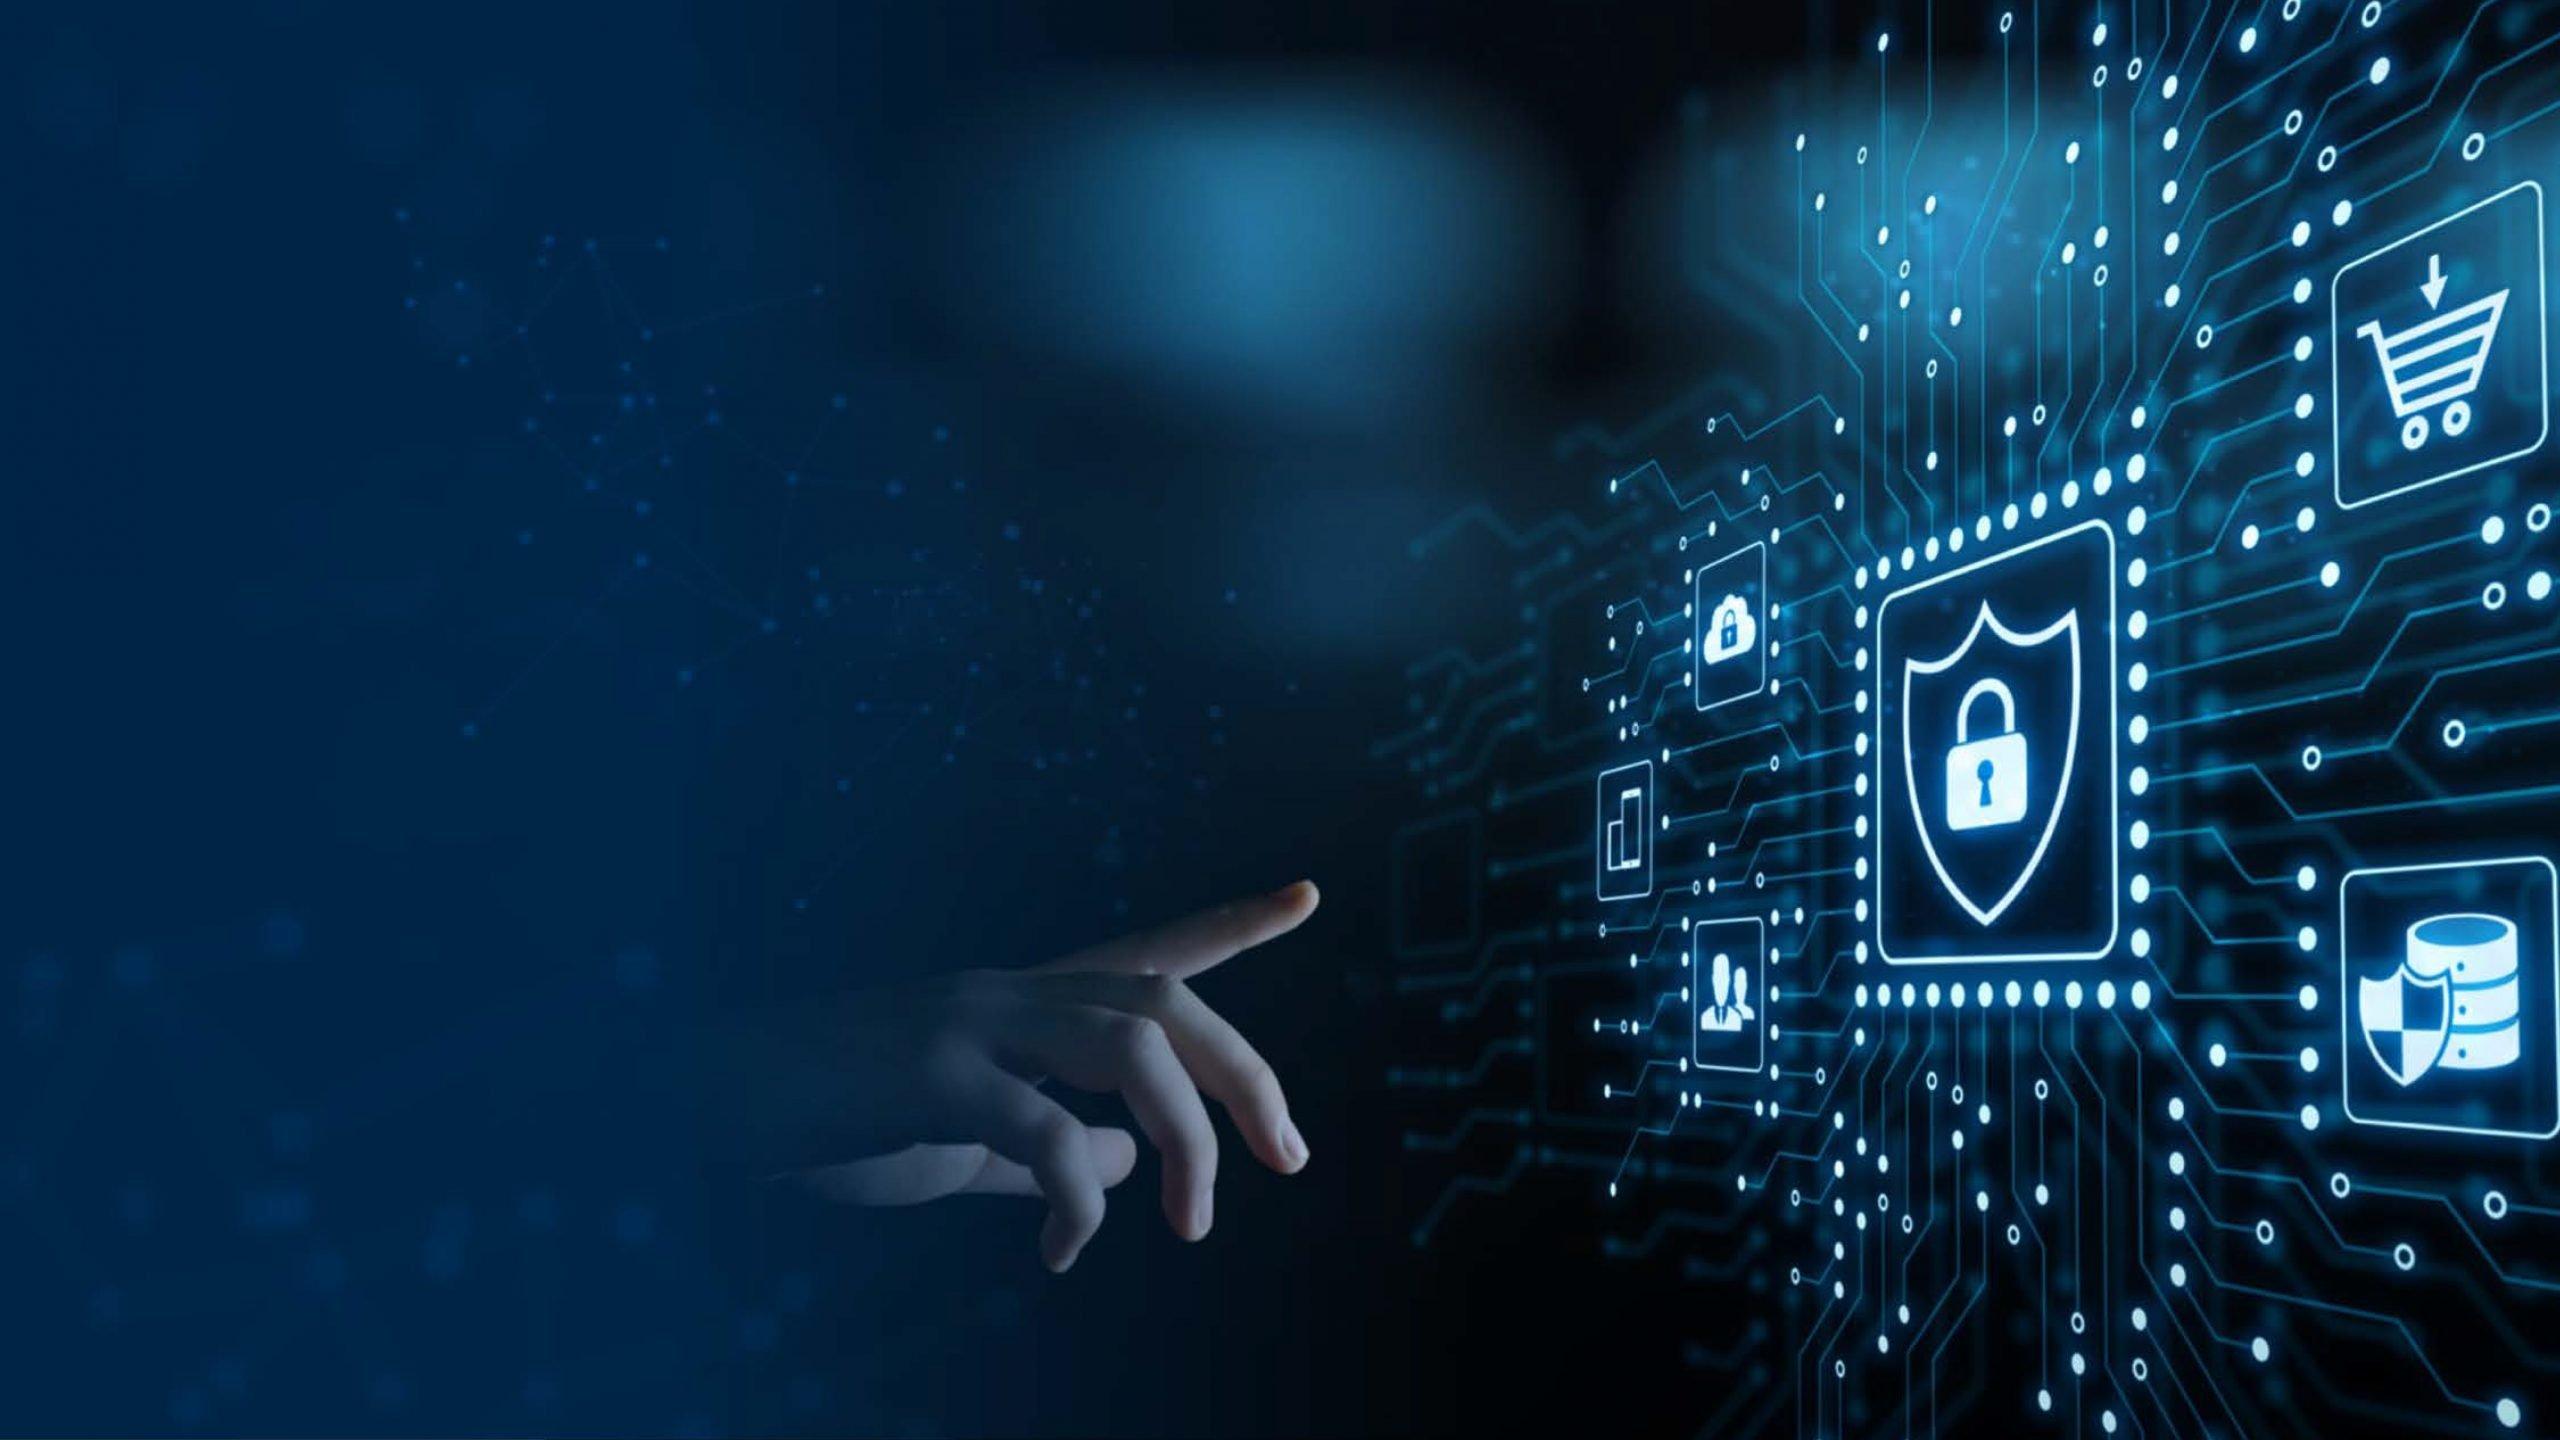 3 maneras de saber si su empresa necesita un seguro cibernético